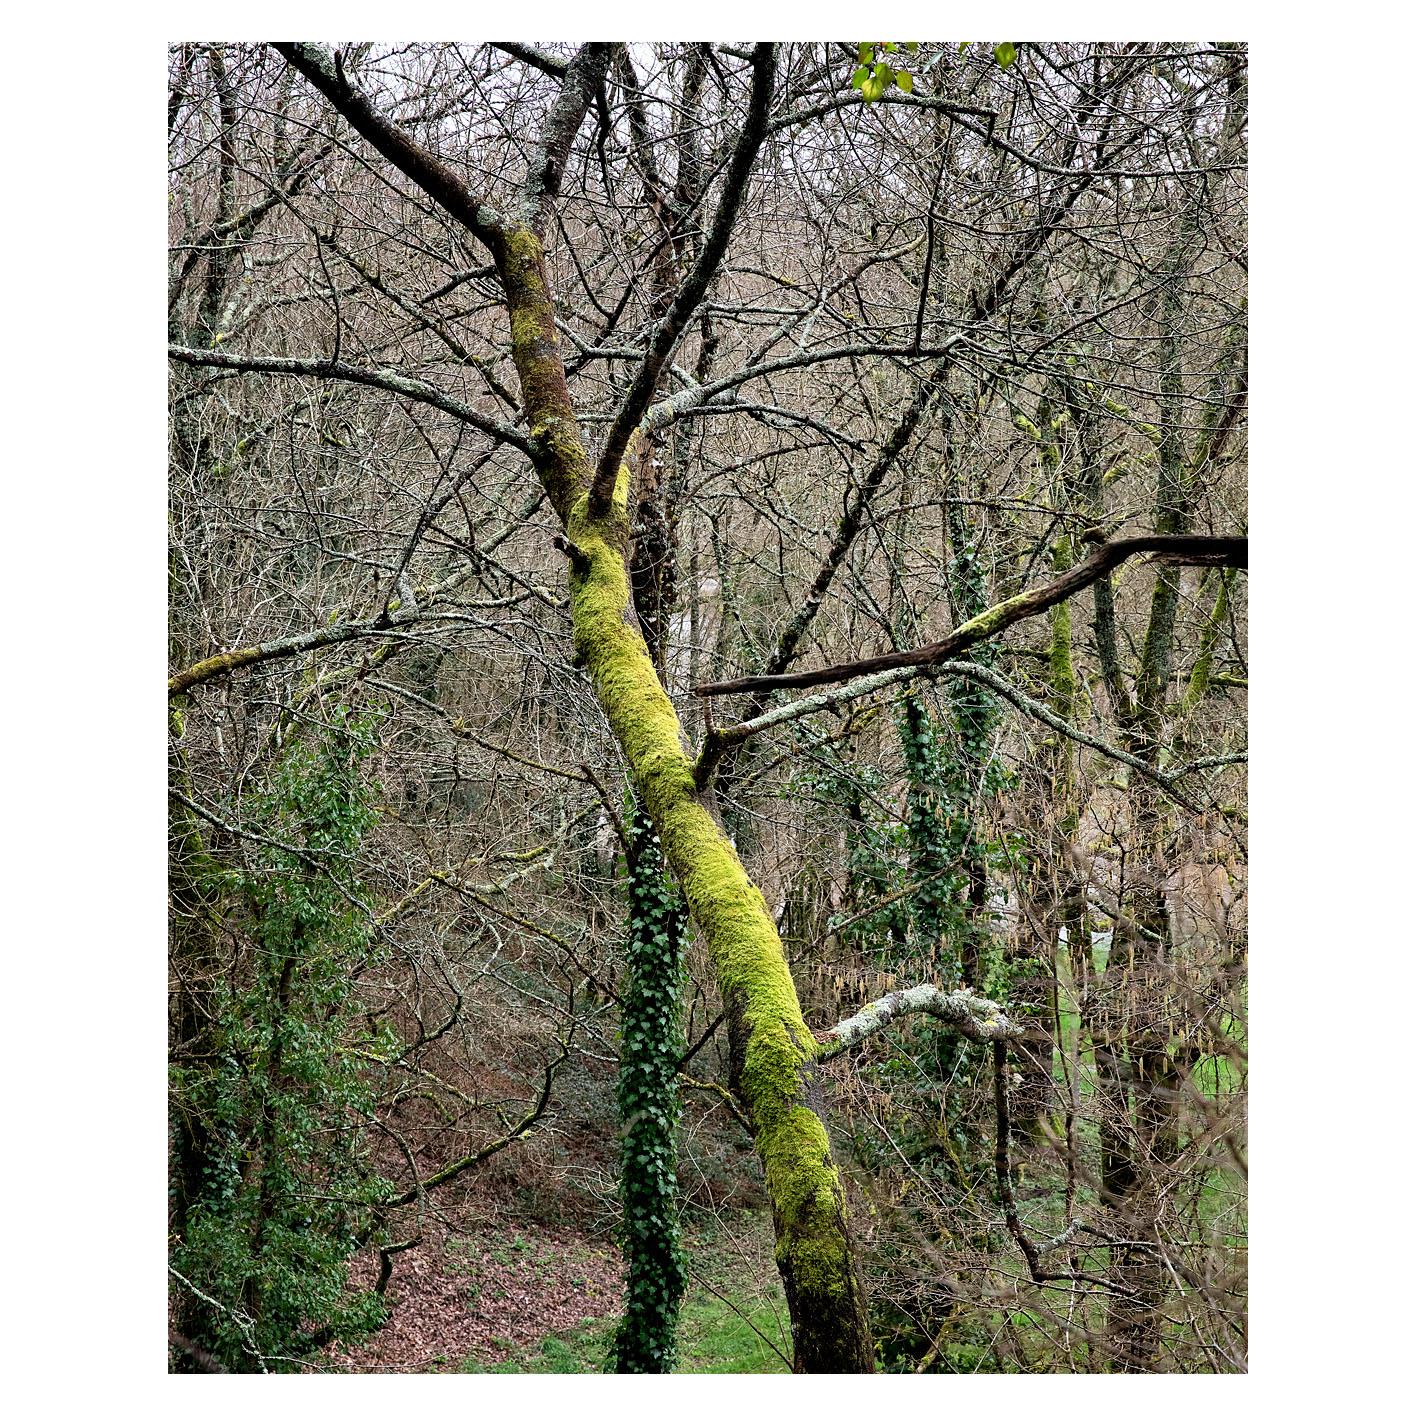 La forêt de Fabrice Hyber au coeur du bocage Vendéen. Le terrain est valonné, en contre bas coule la Doulaye.